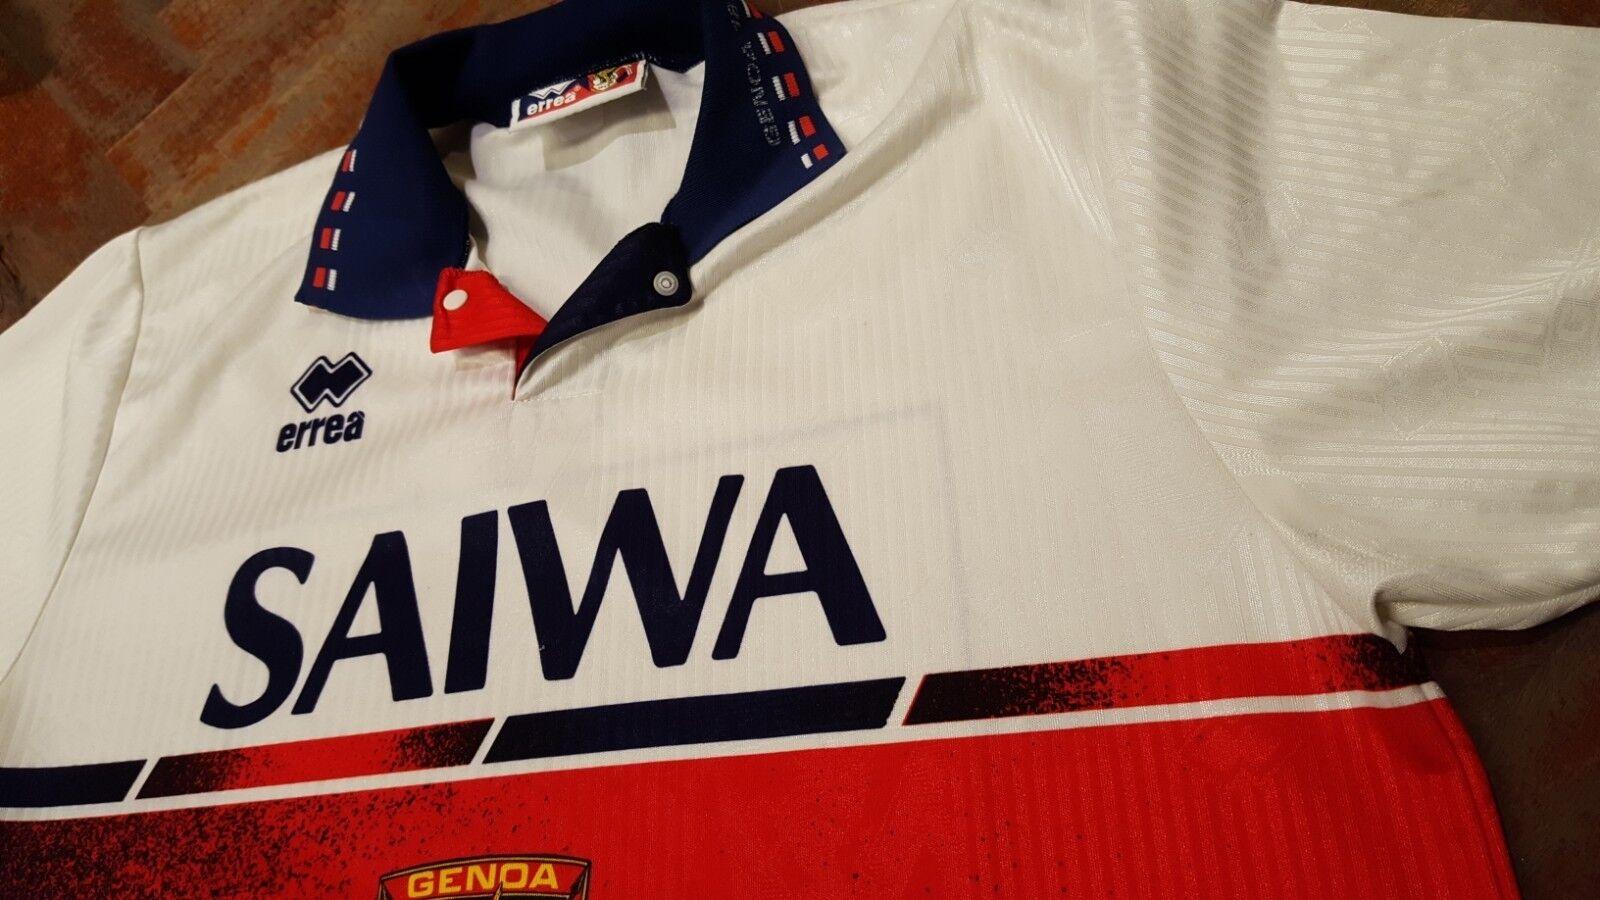 Maglia shirt Genoa Errea anni 90 Saiwa